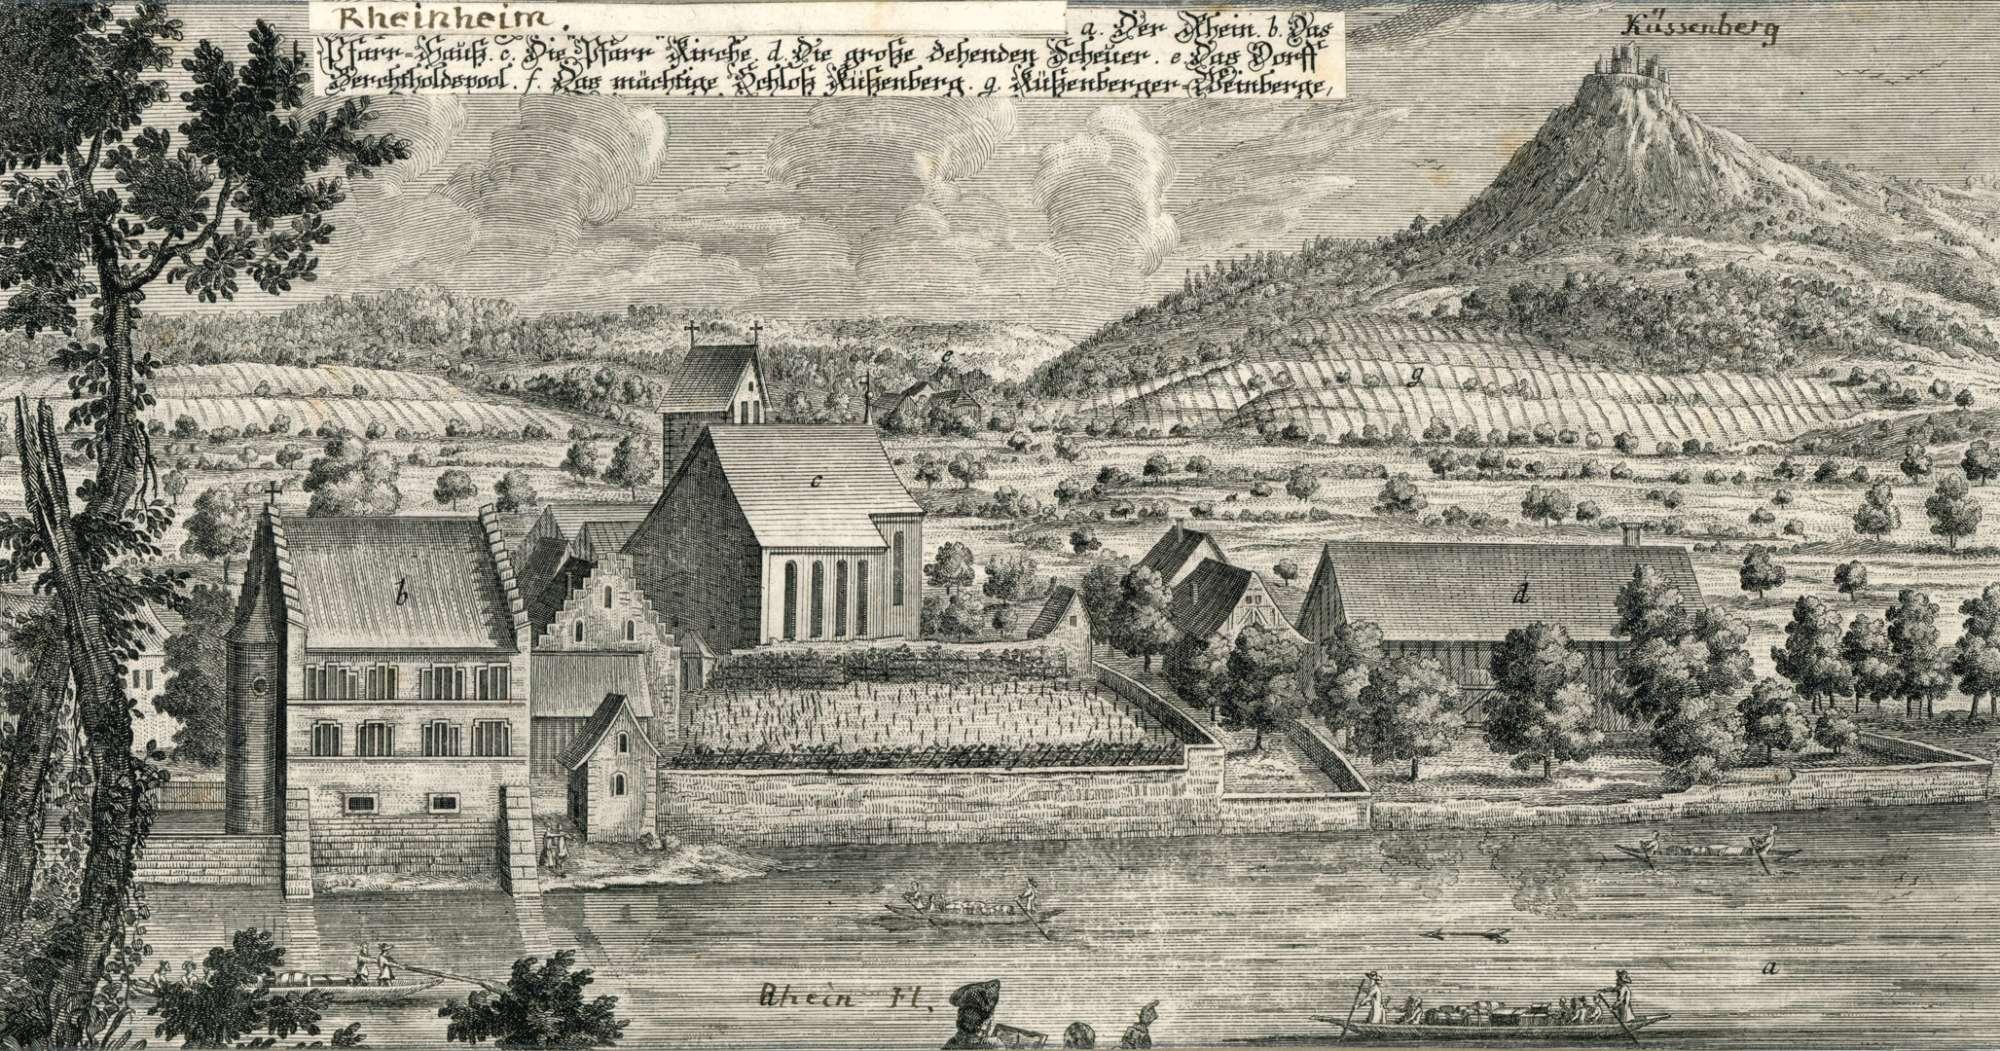 Rheinheim, Bild 1